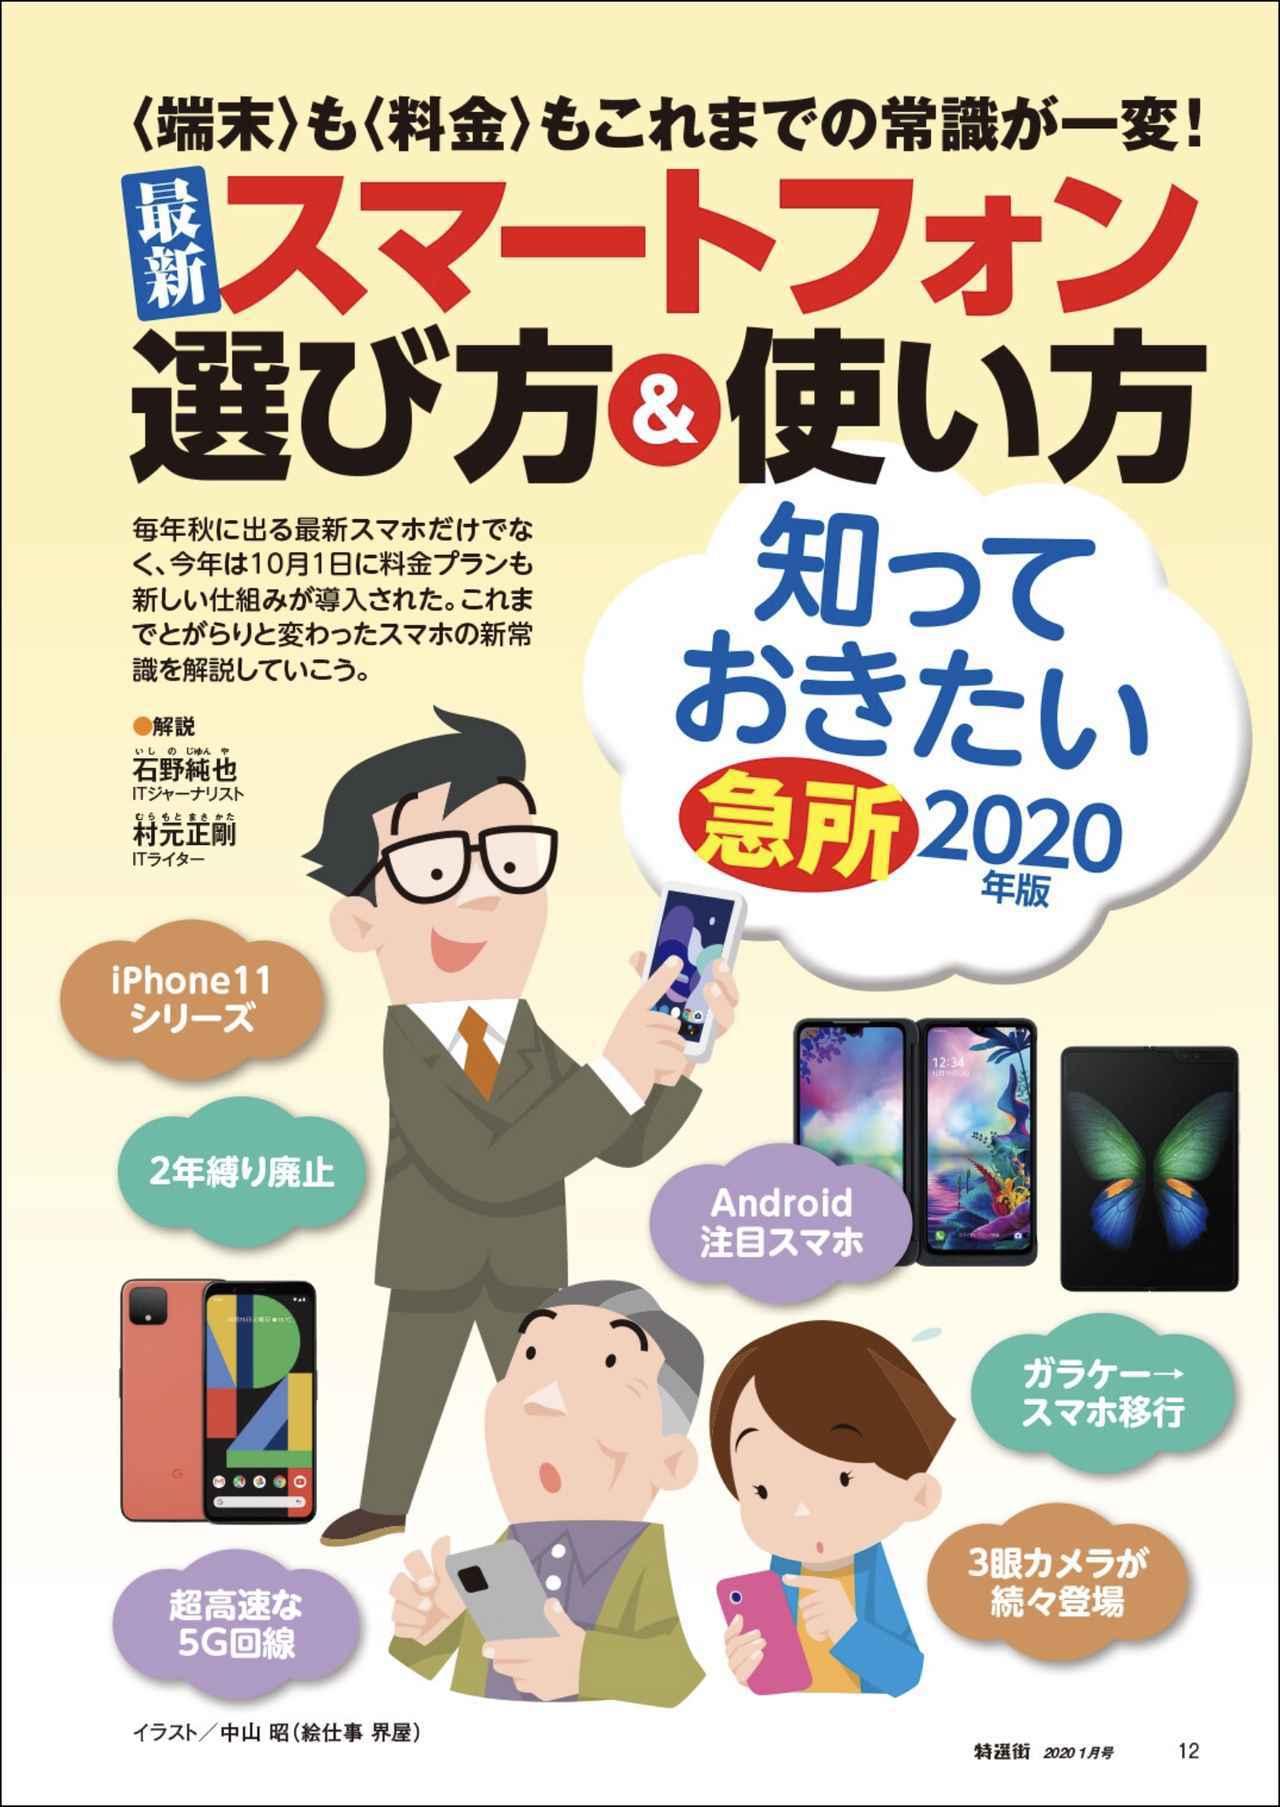 画像2: 『特選街』1月号が本日発売! スマートフォンの選び方&使い方を大特集!